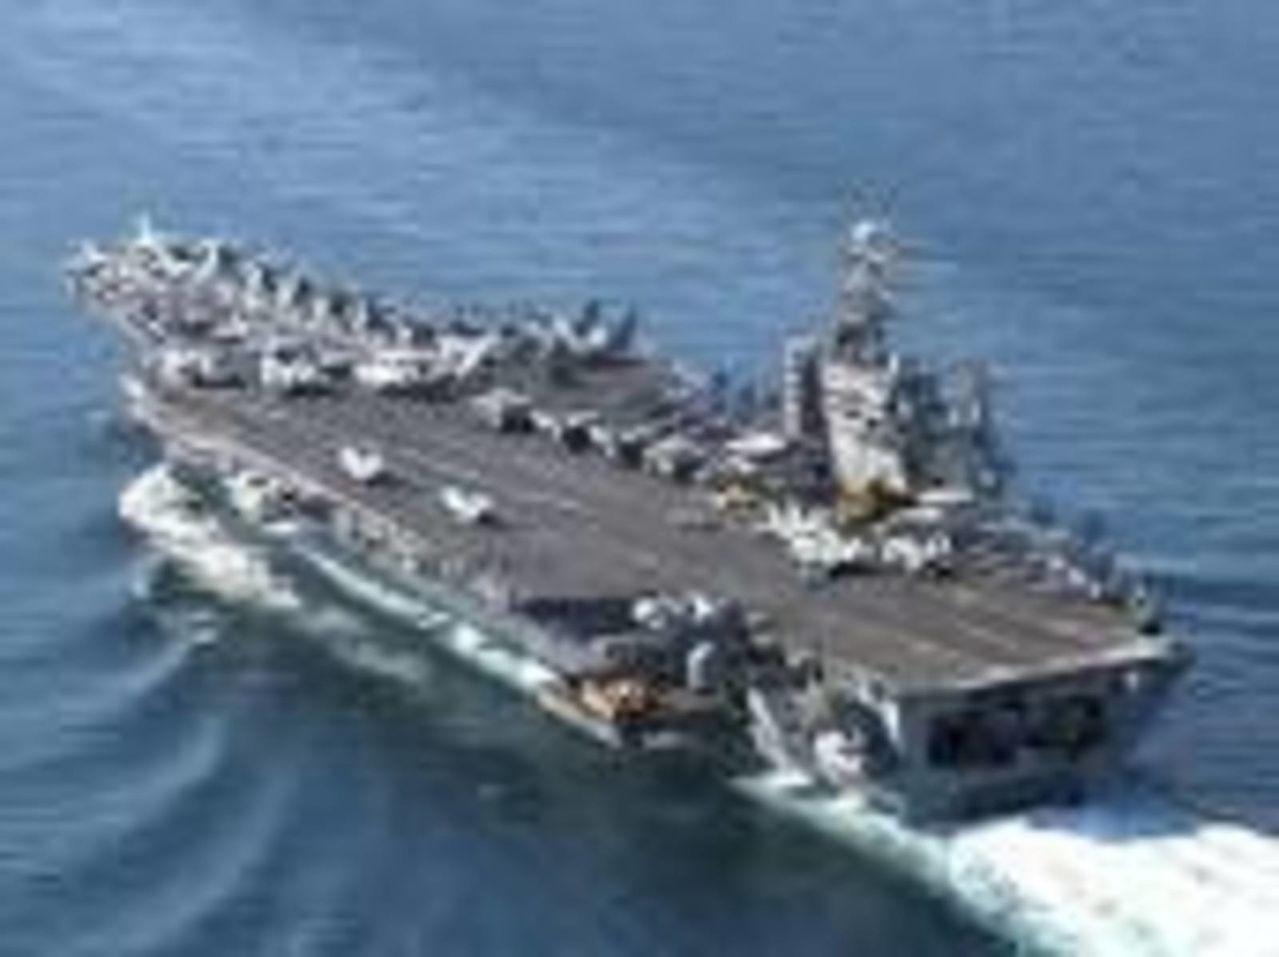 Ejercicio naval Malabar 2015,2017 y siguientes - Participacion  de India - Japon - Estados Unidos - Australia CVN71_THEODOROROOSVELT